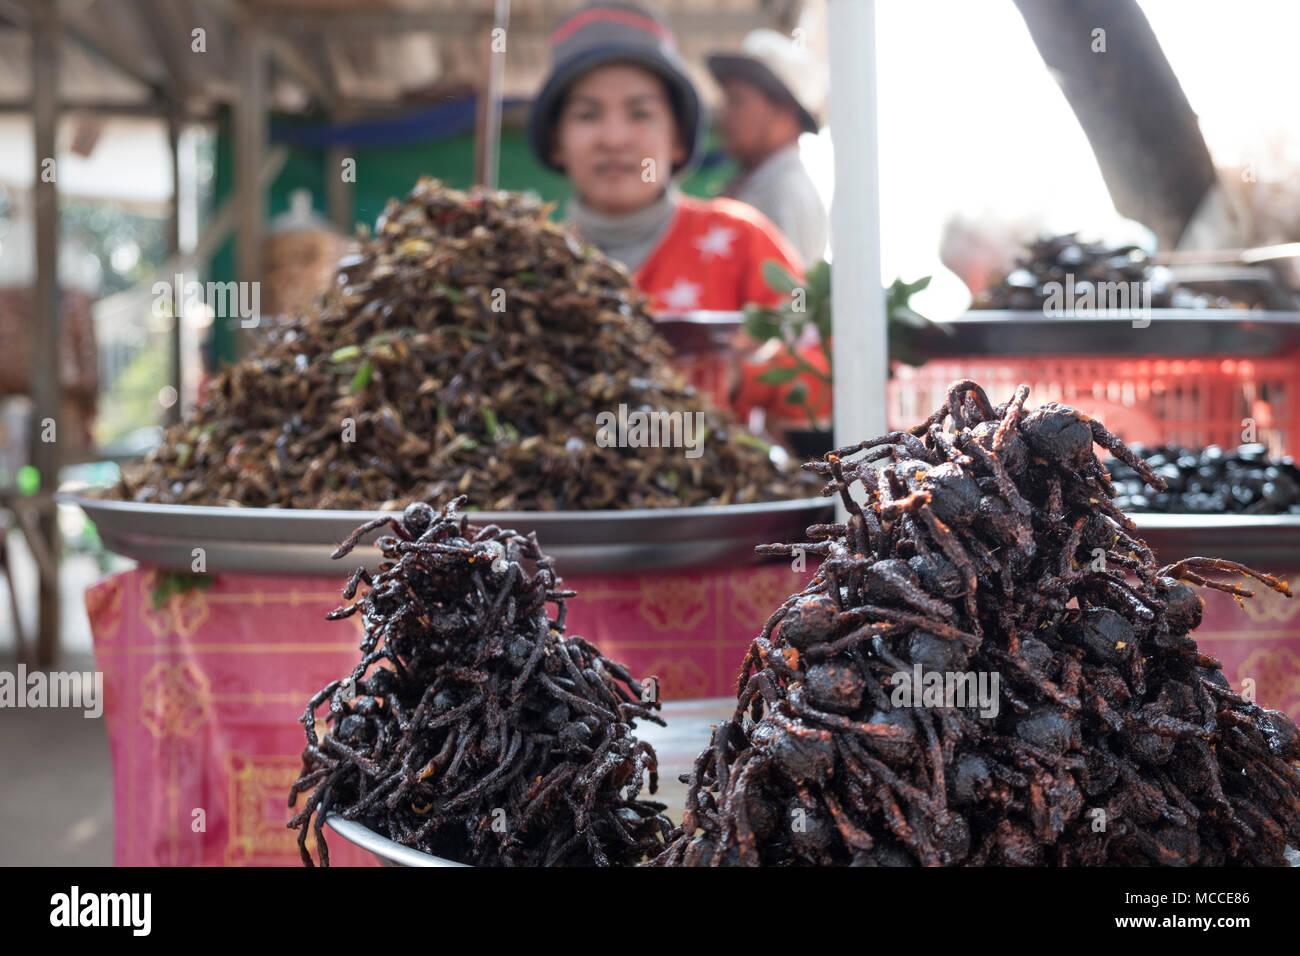 Gebratene spinnen für Verkauf an den Ständen am Straßenrand in Kambodscha Stockbild